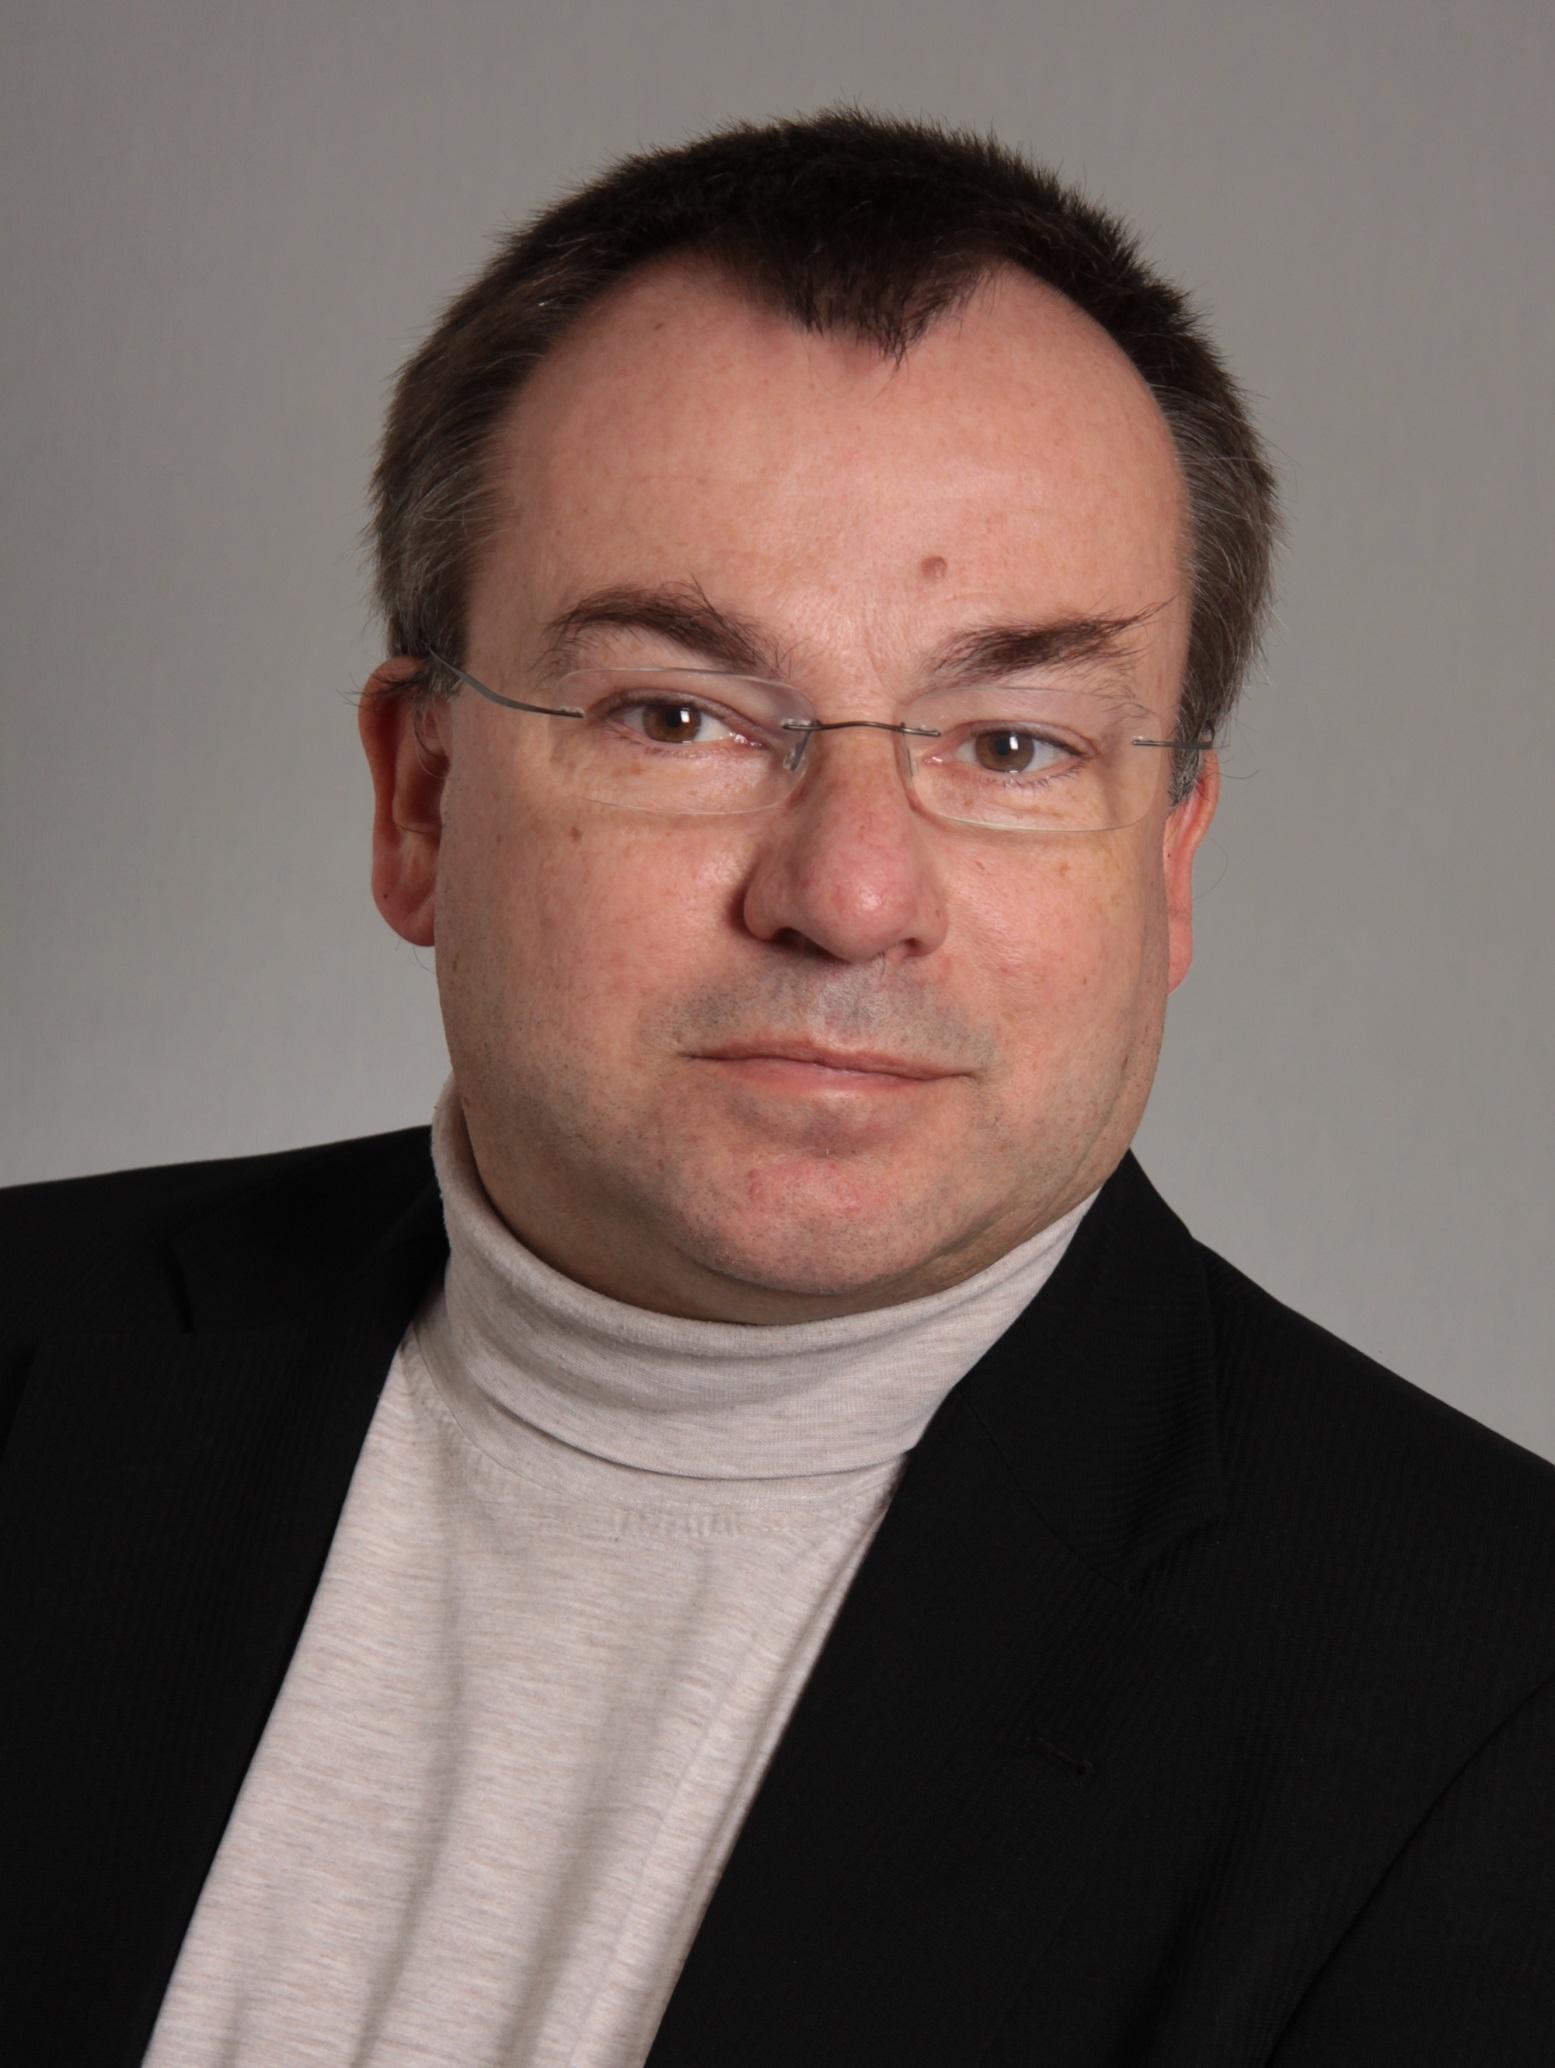 Industrie 4.0: Dr. Günter Paller über die Herausforderung der digitalen Vernetzung für Unternehmen